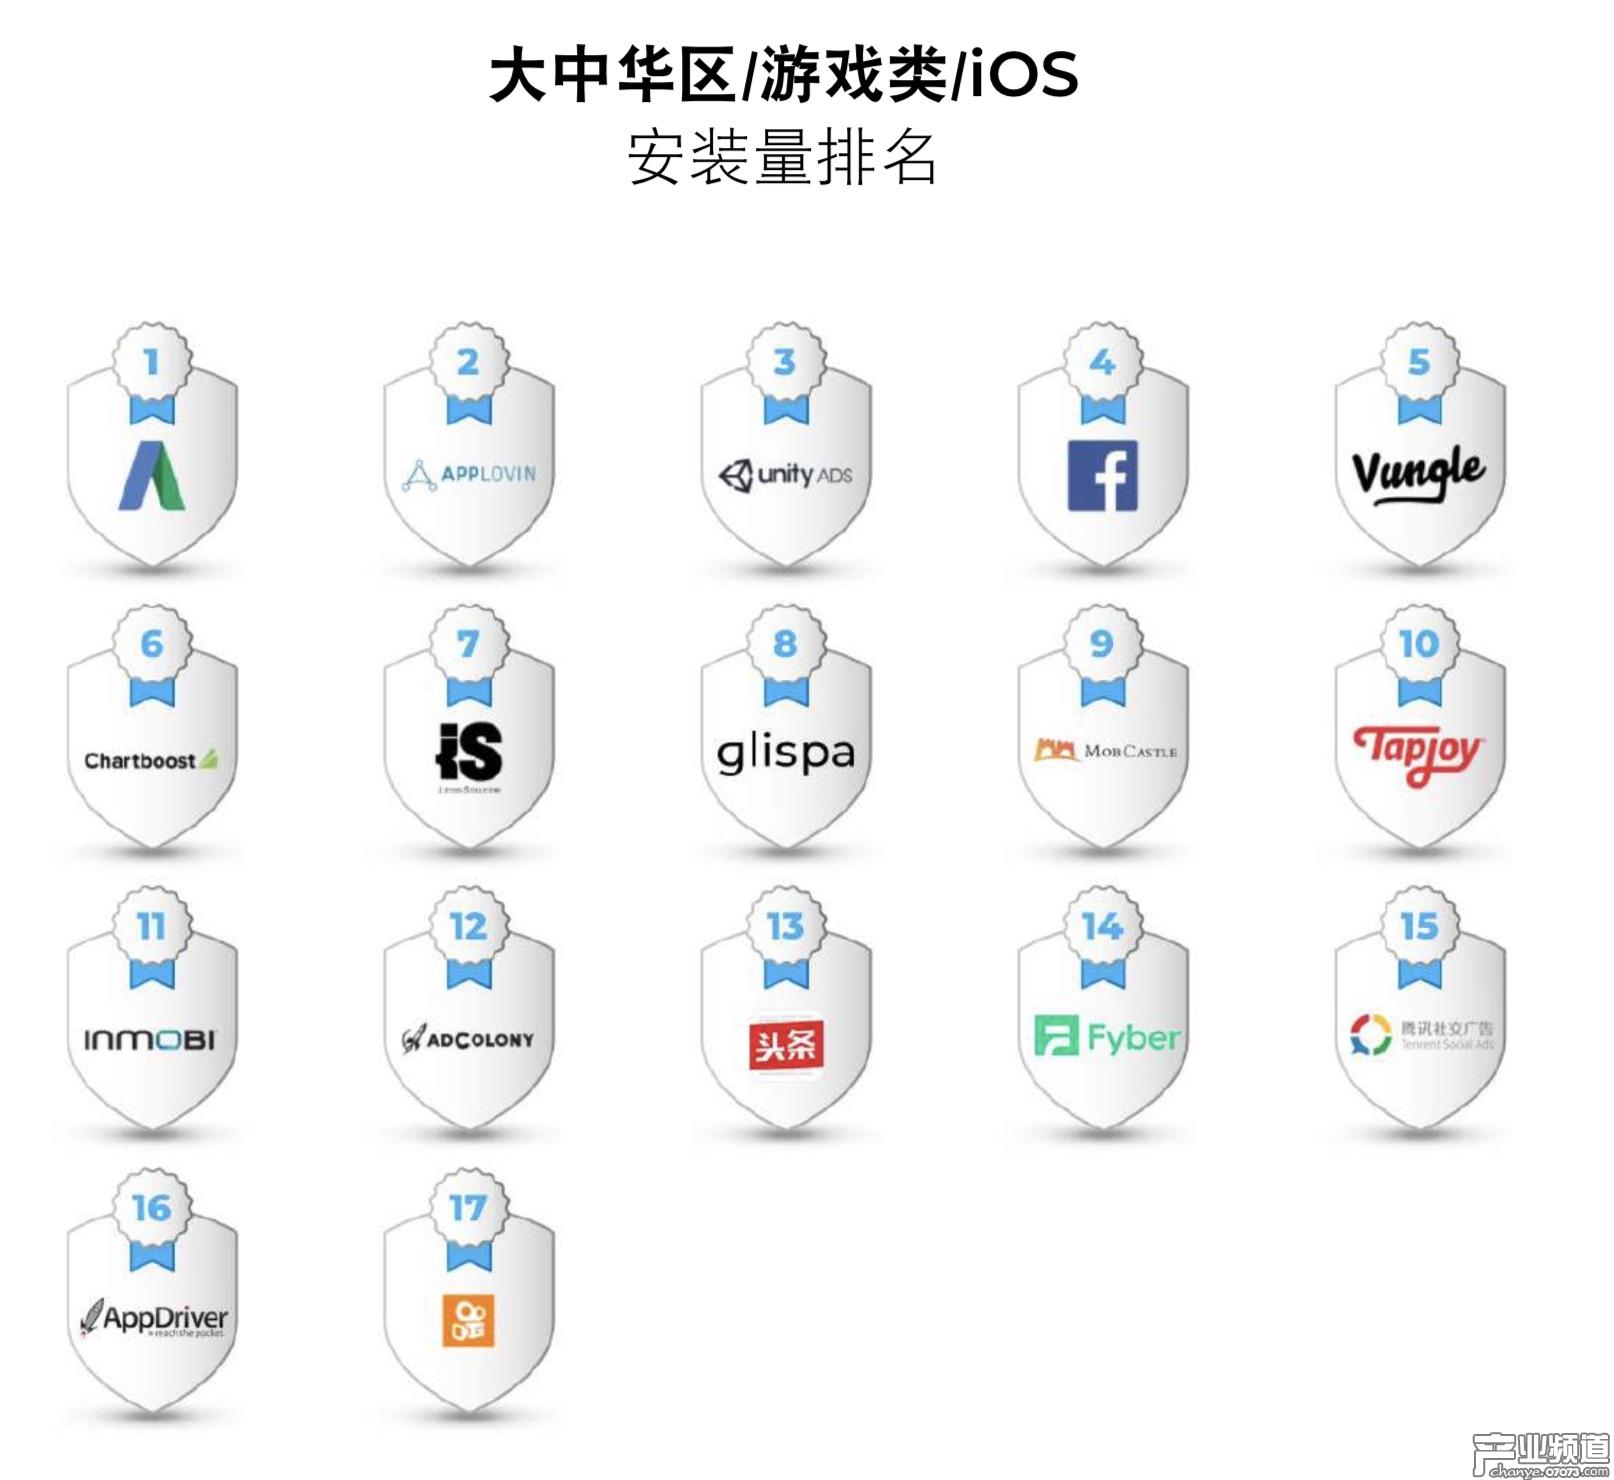 大中华区iOS游戏类安装量排名